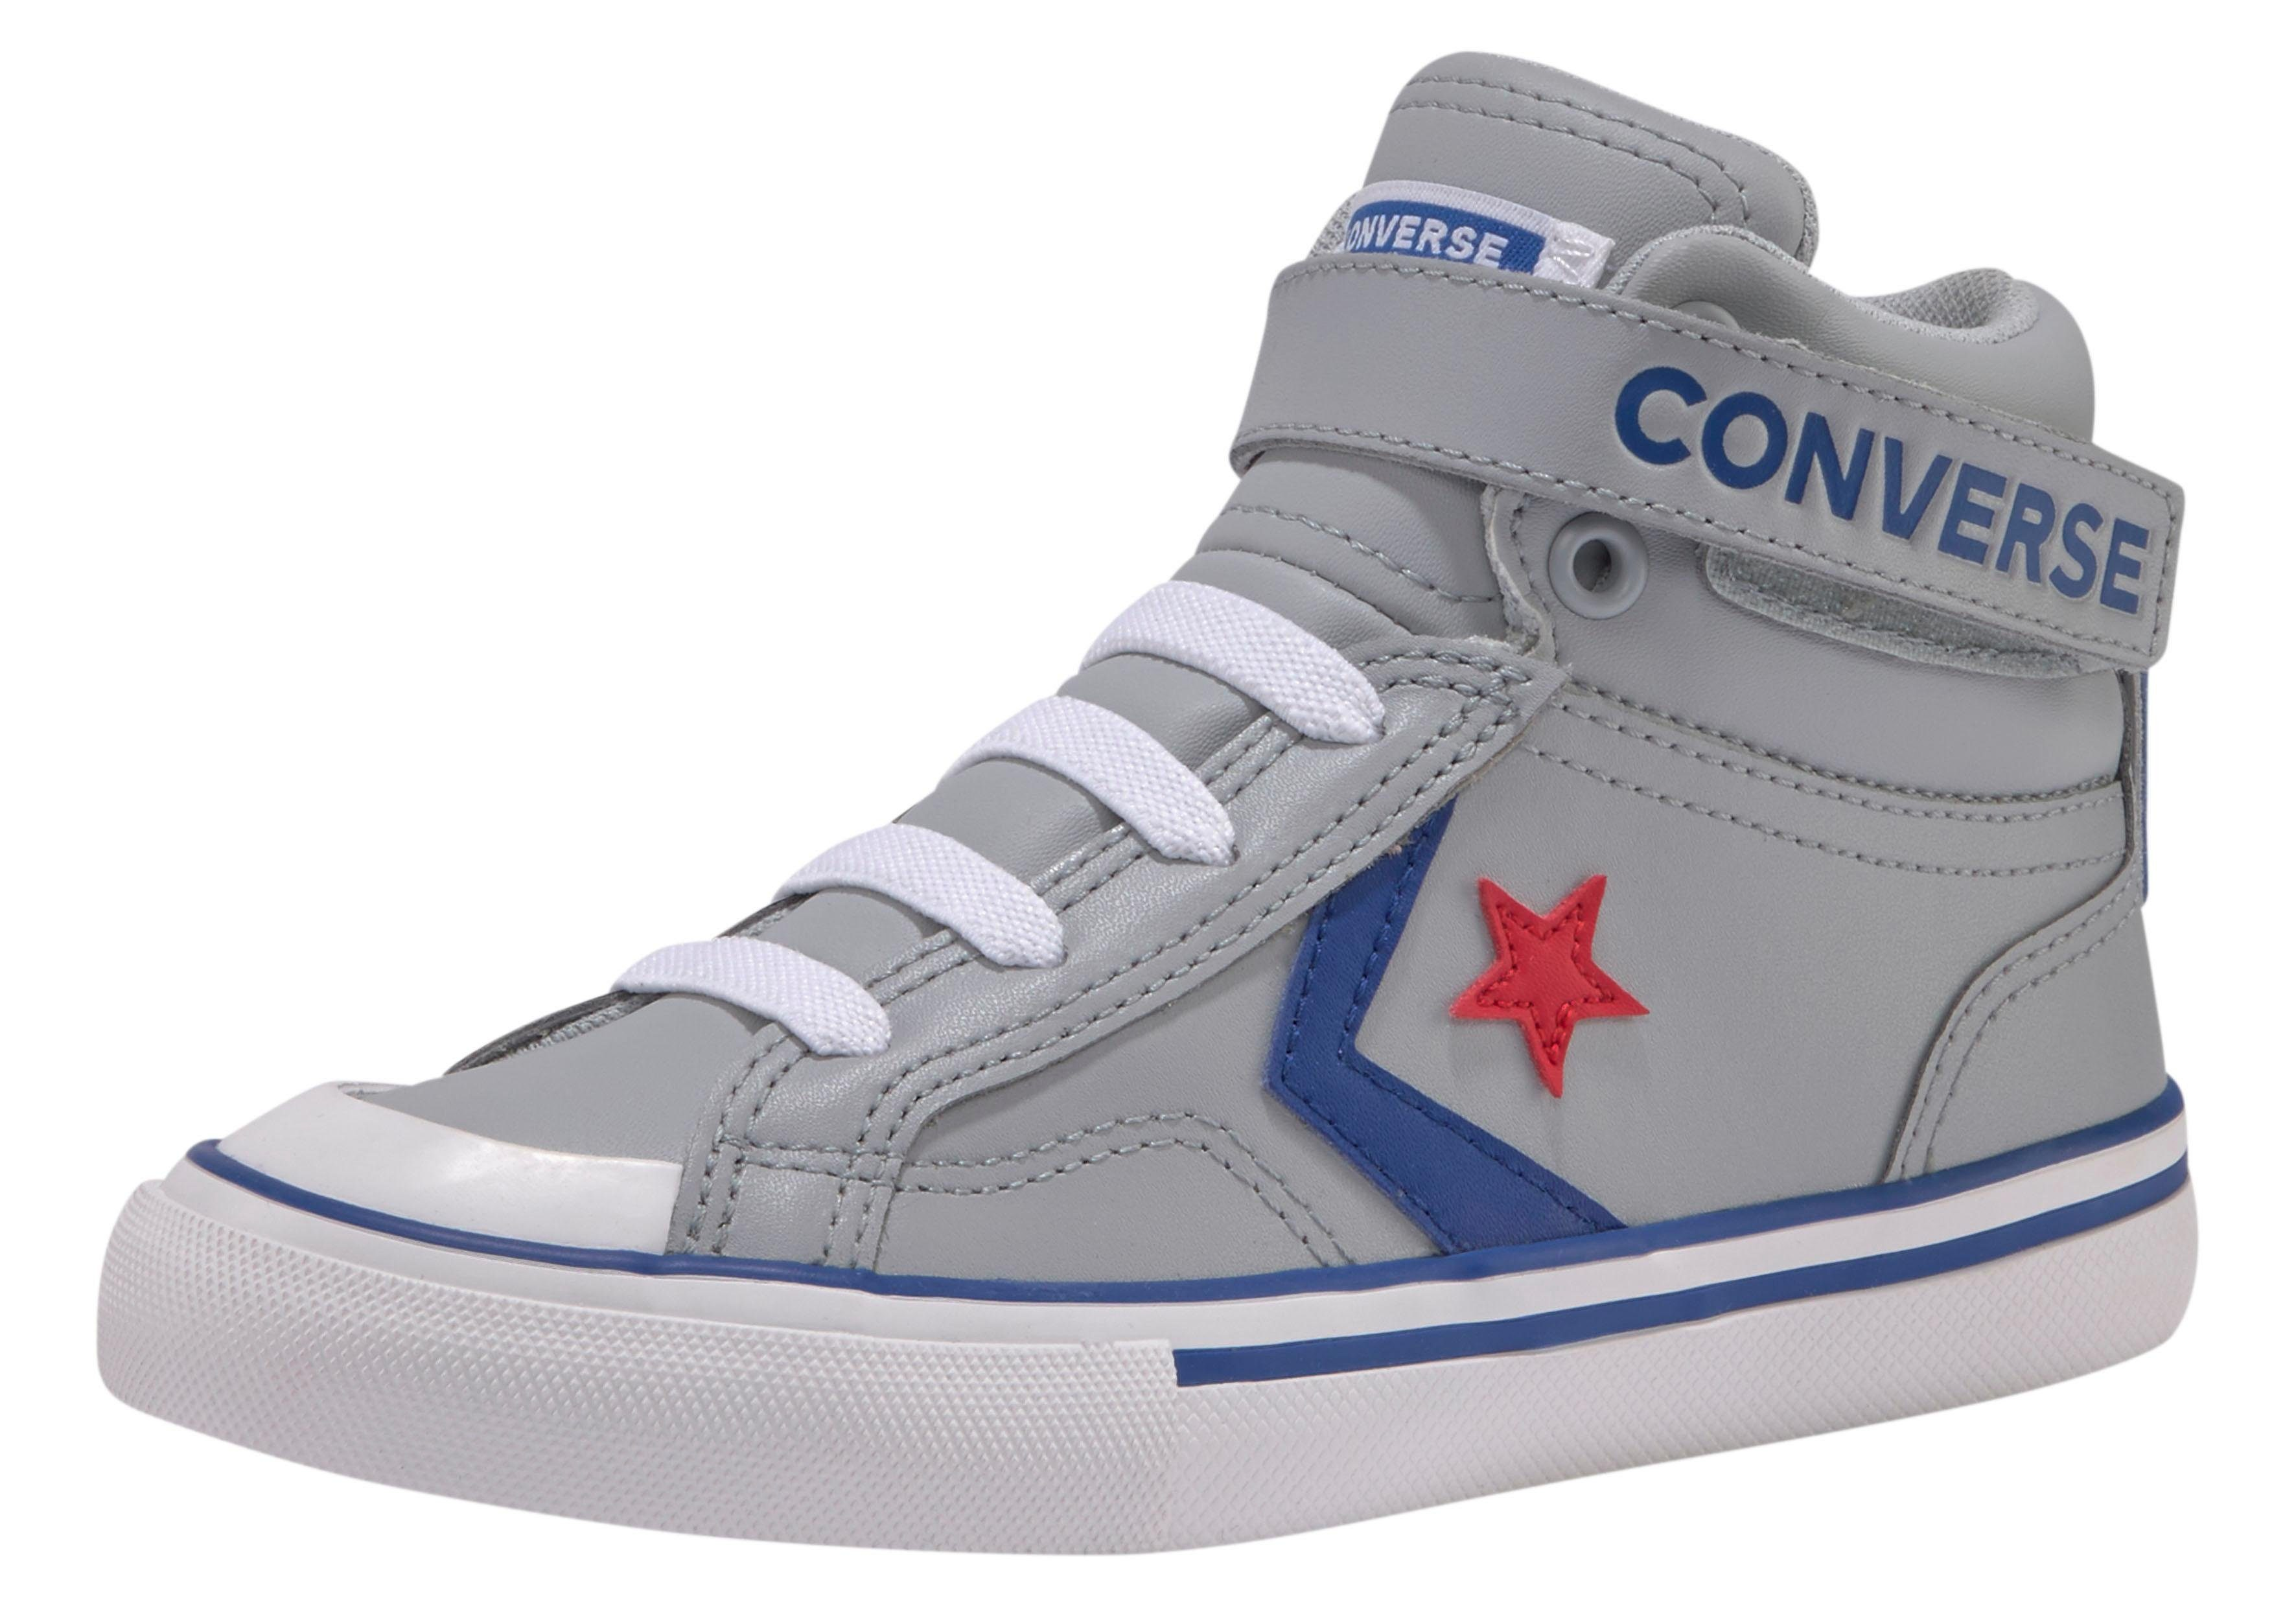 Converse »PRO BLAZE STRAP HI« Sneaker, Cooler Sneaker von Converse online kaufen | OTTO